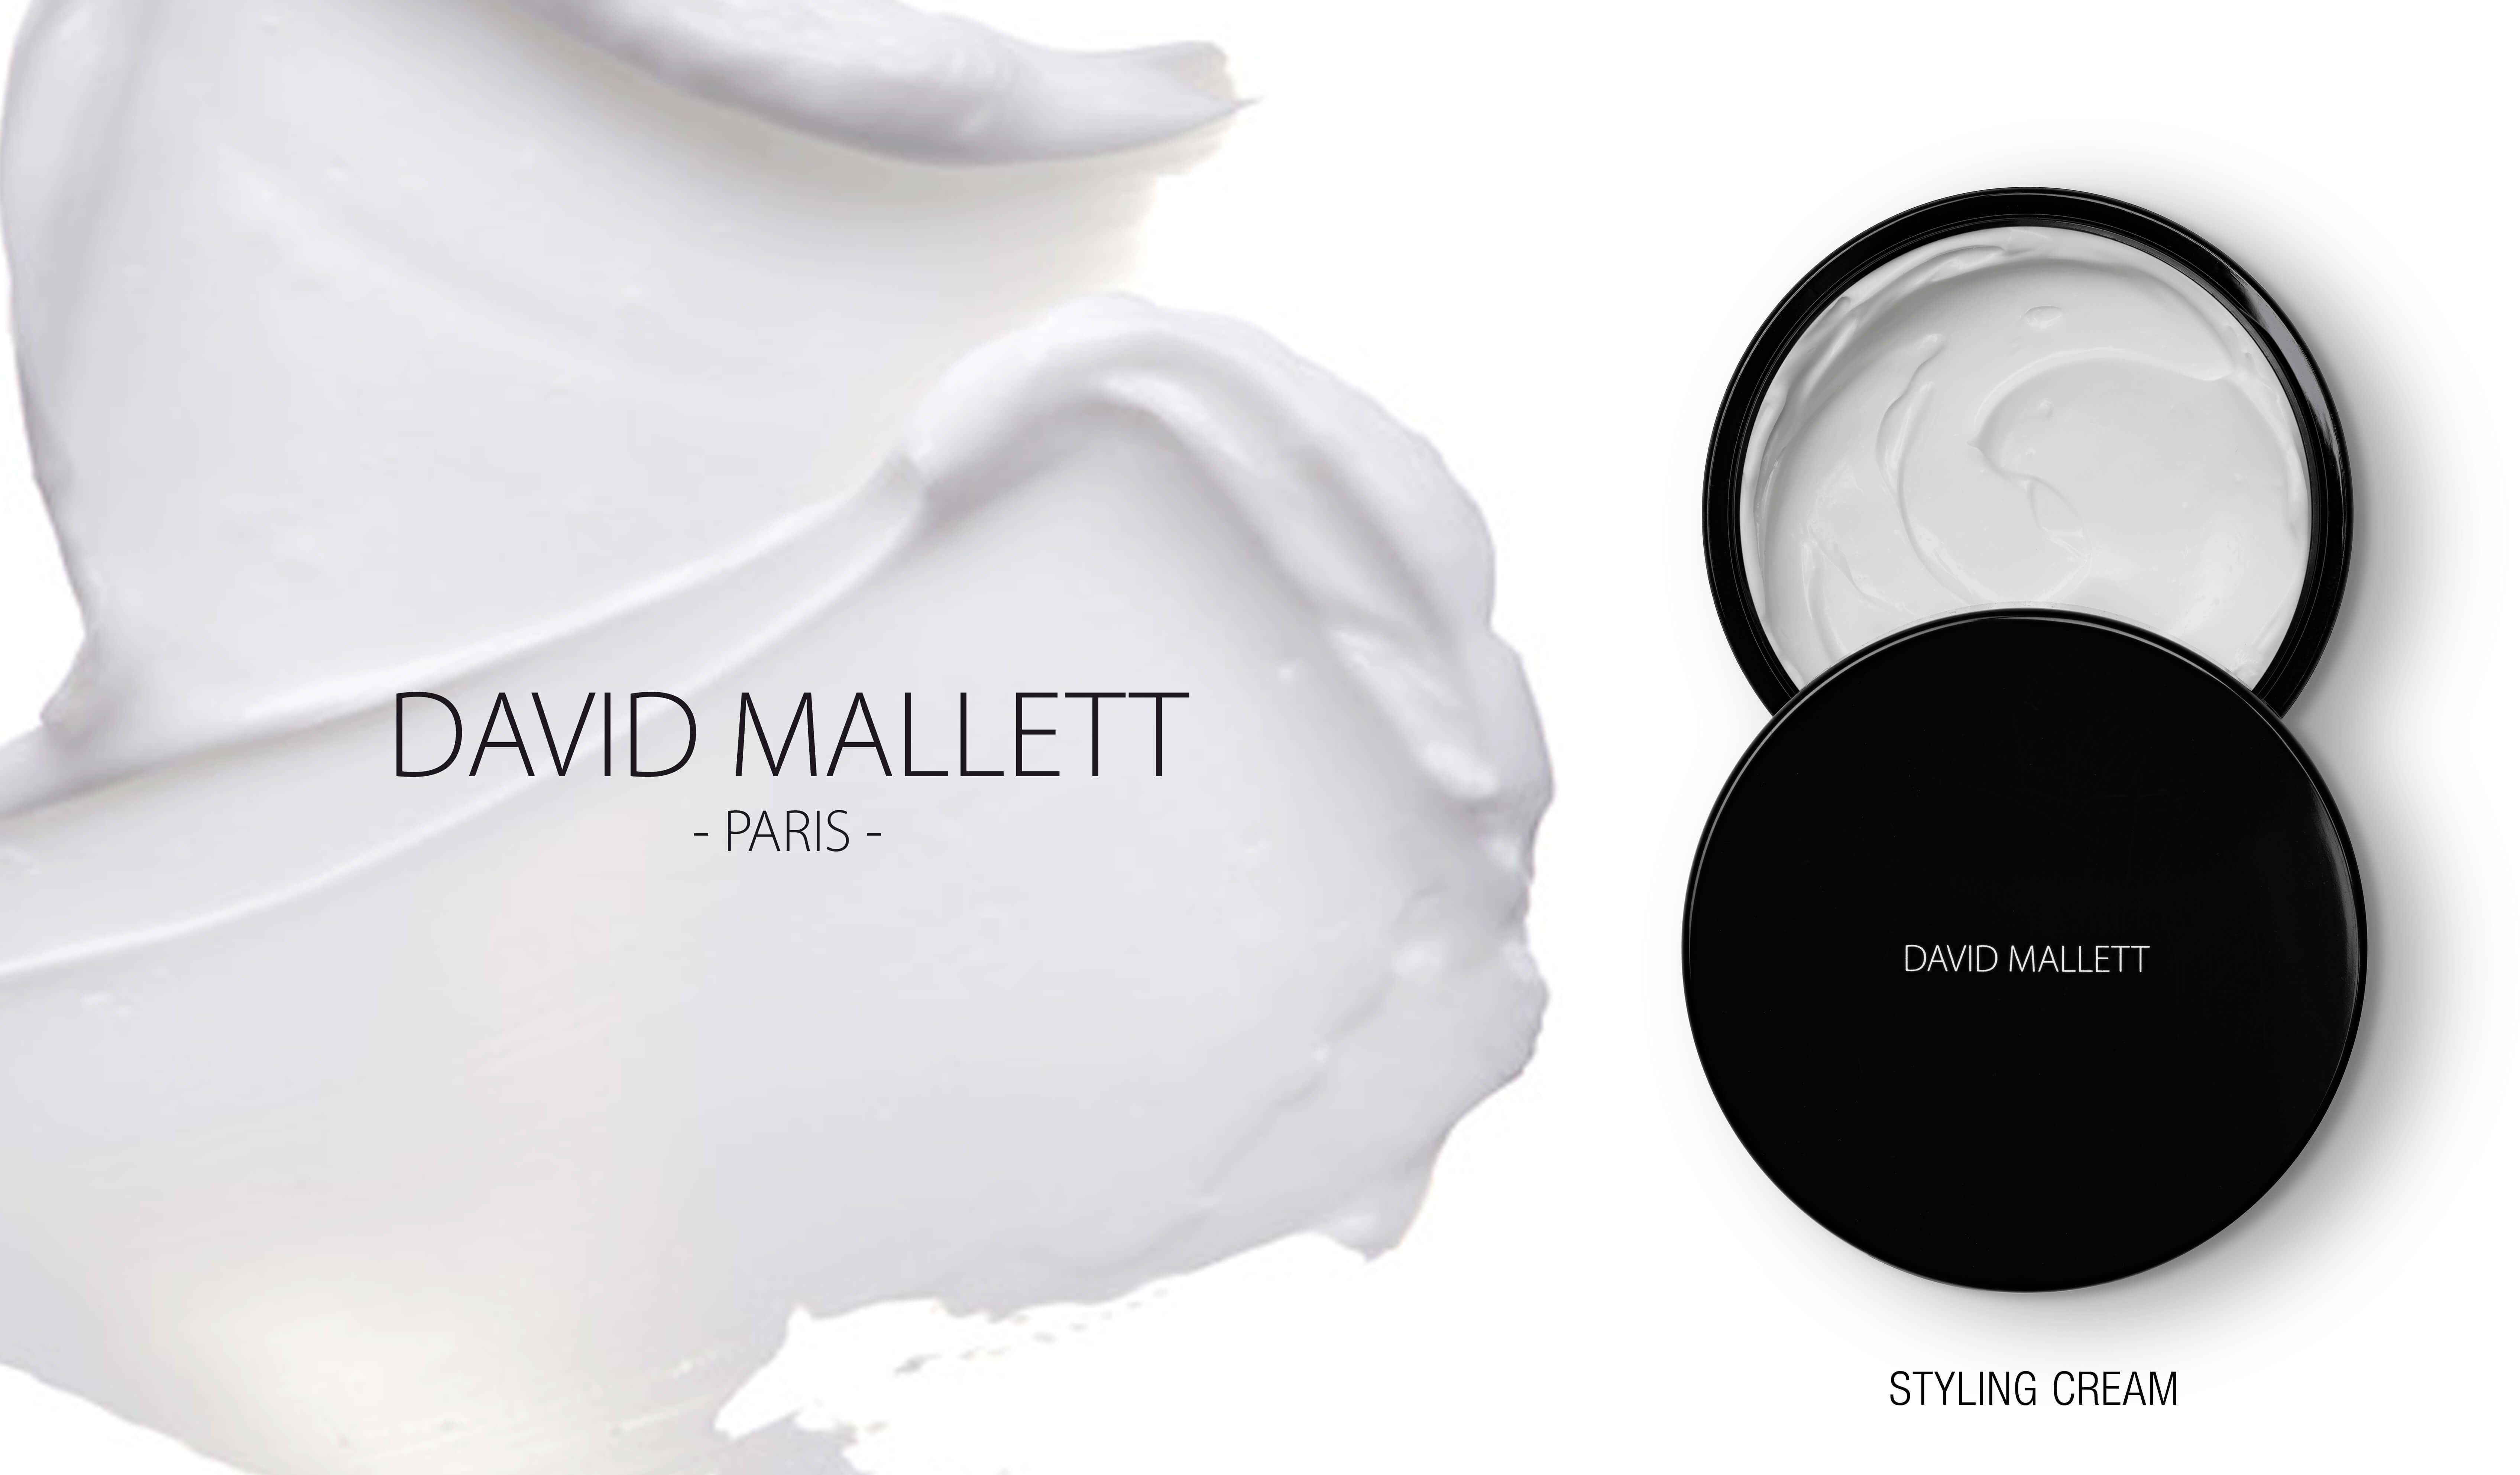 Styling Cream - Horizontal